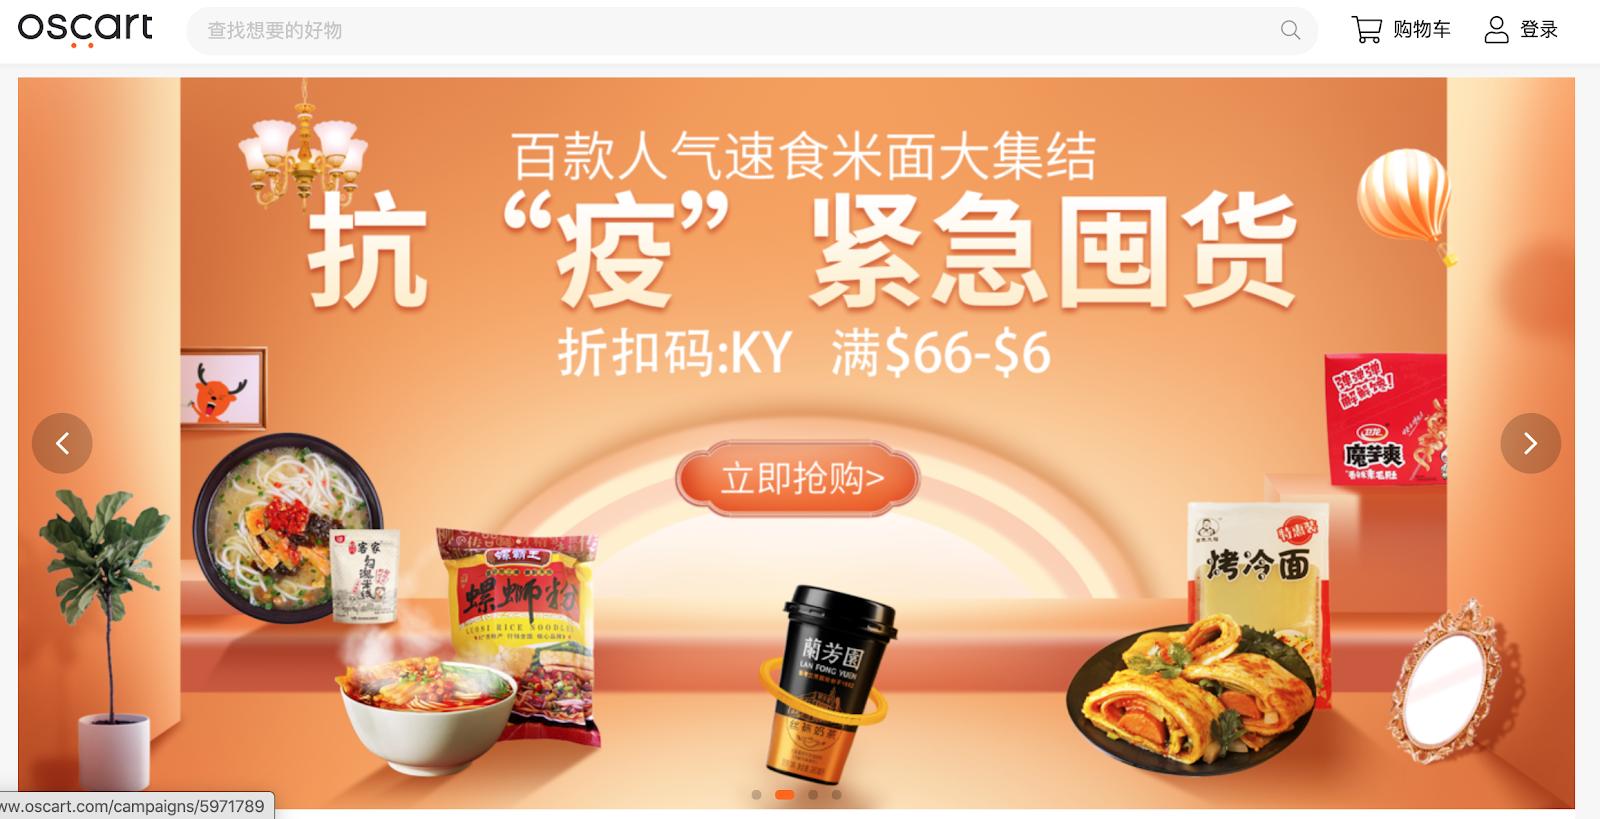 Oscart亚洲网上超市